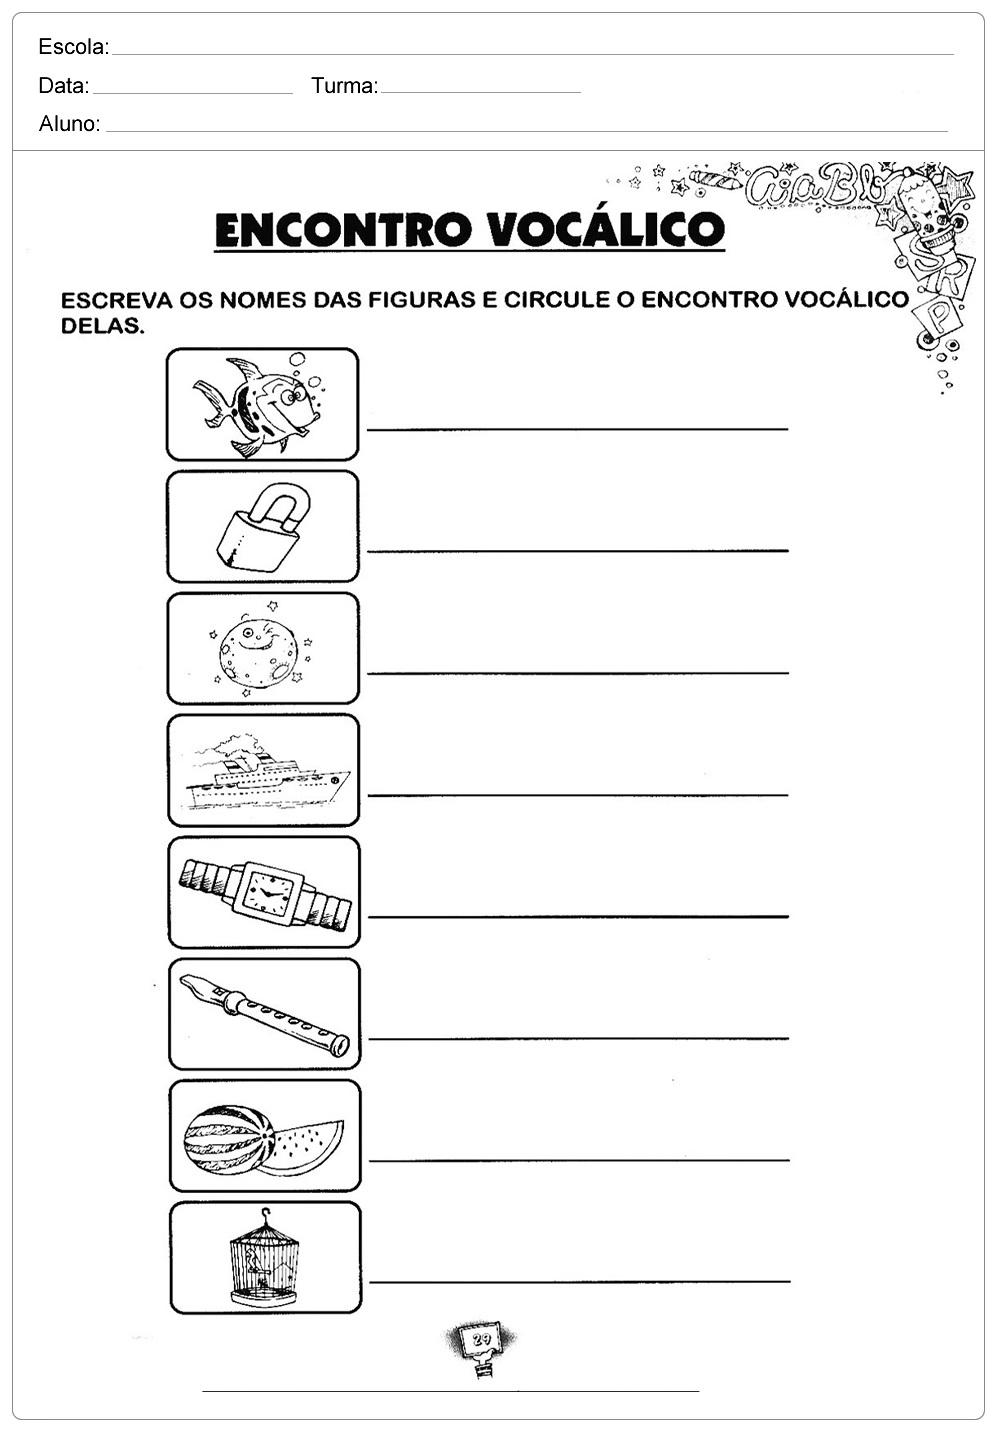 Atividades sobre Encontro Vocálicos para imprimir.